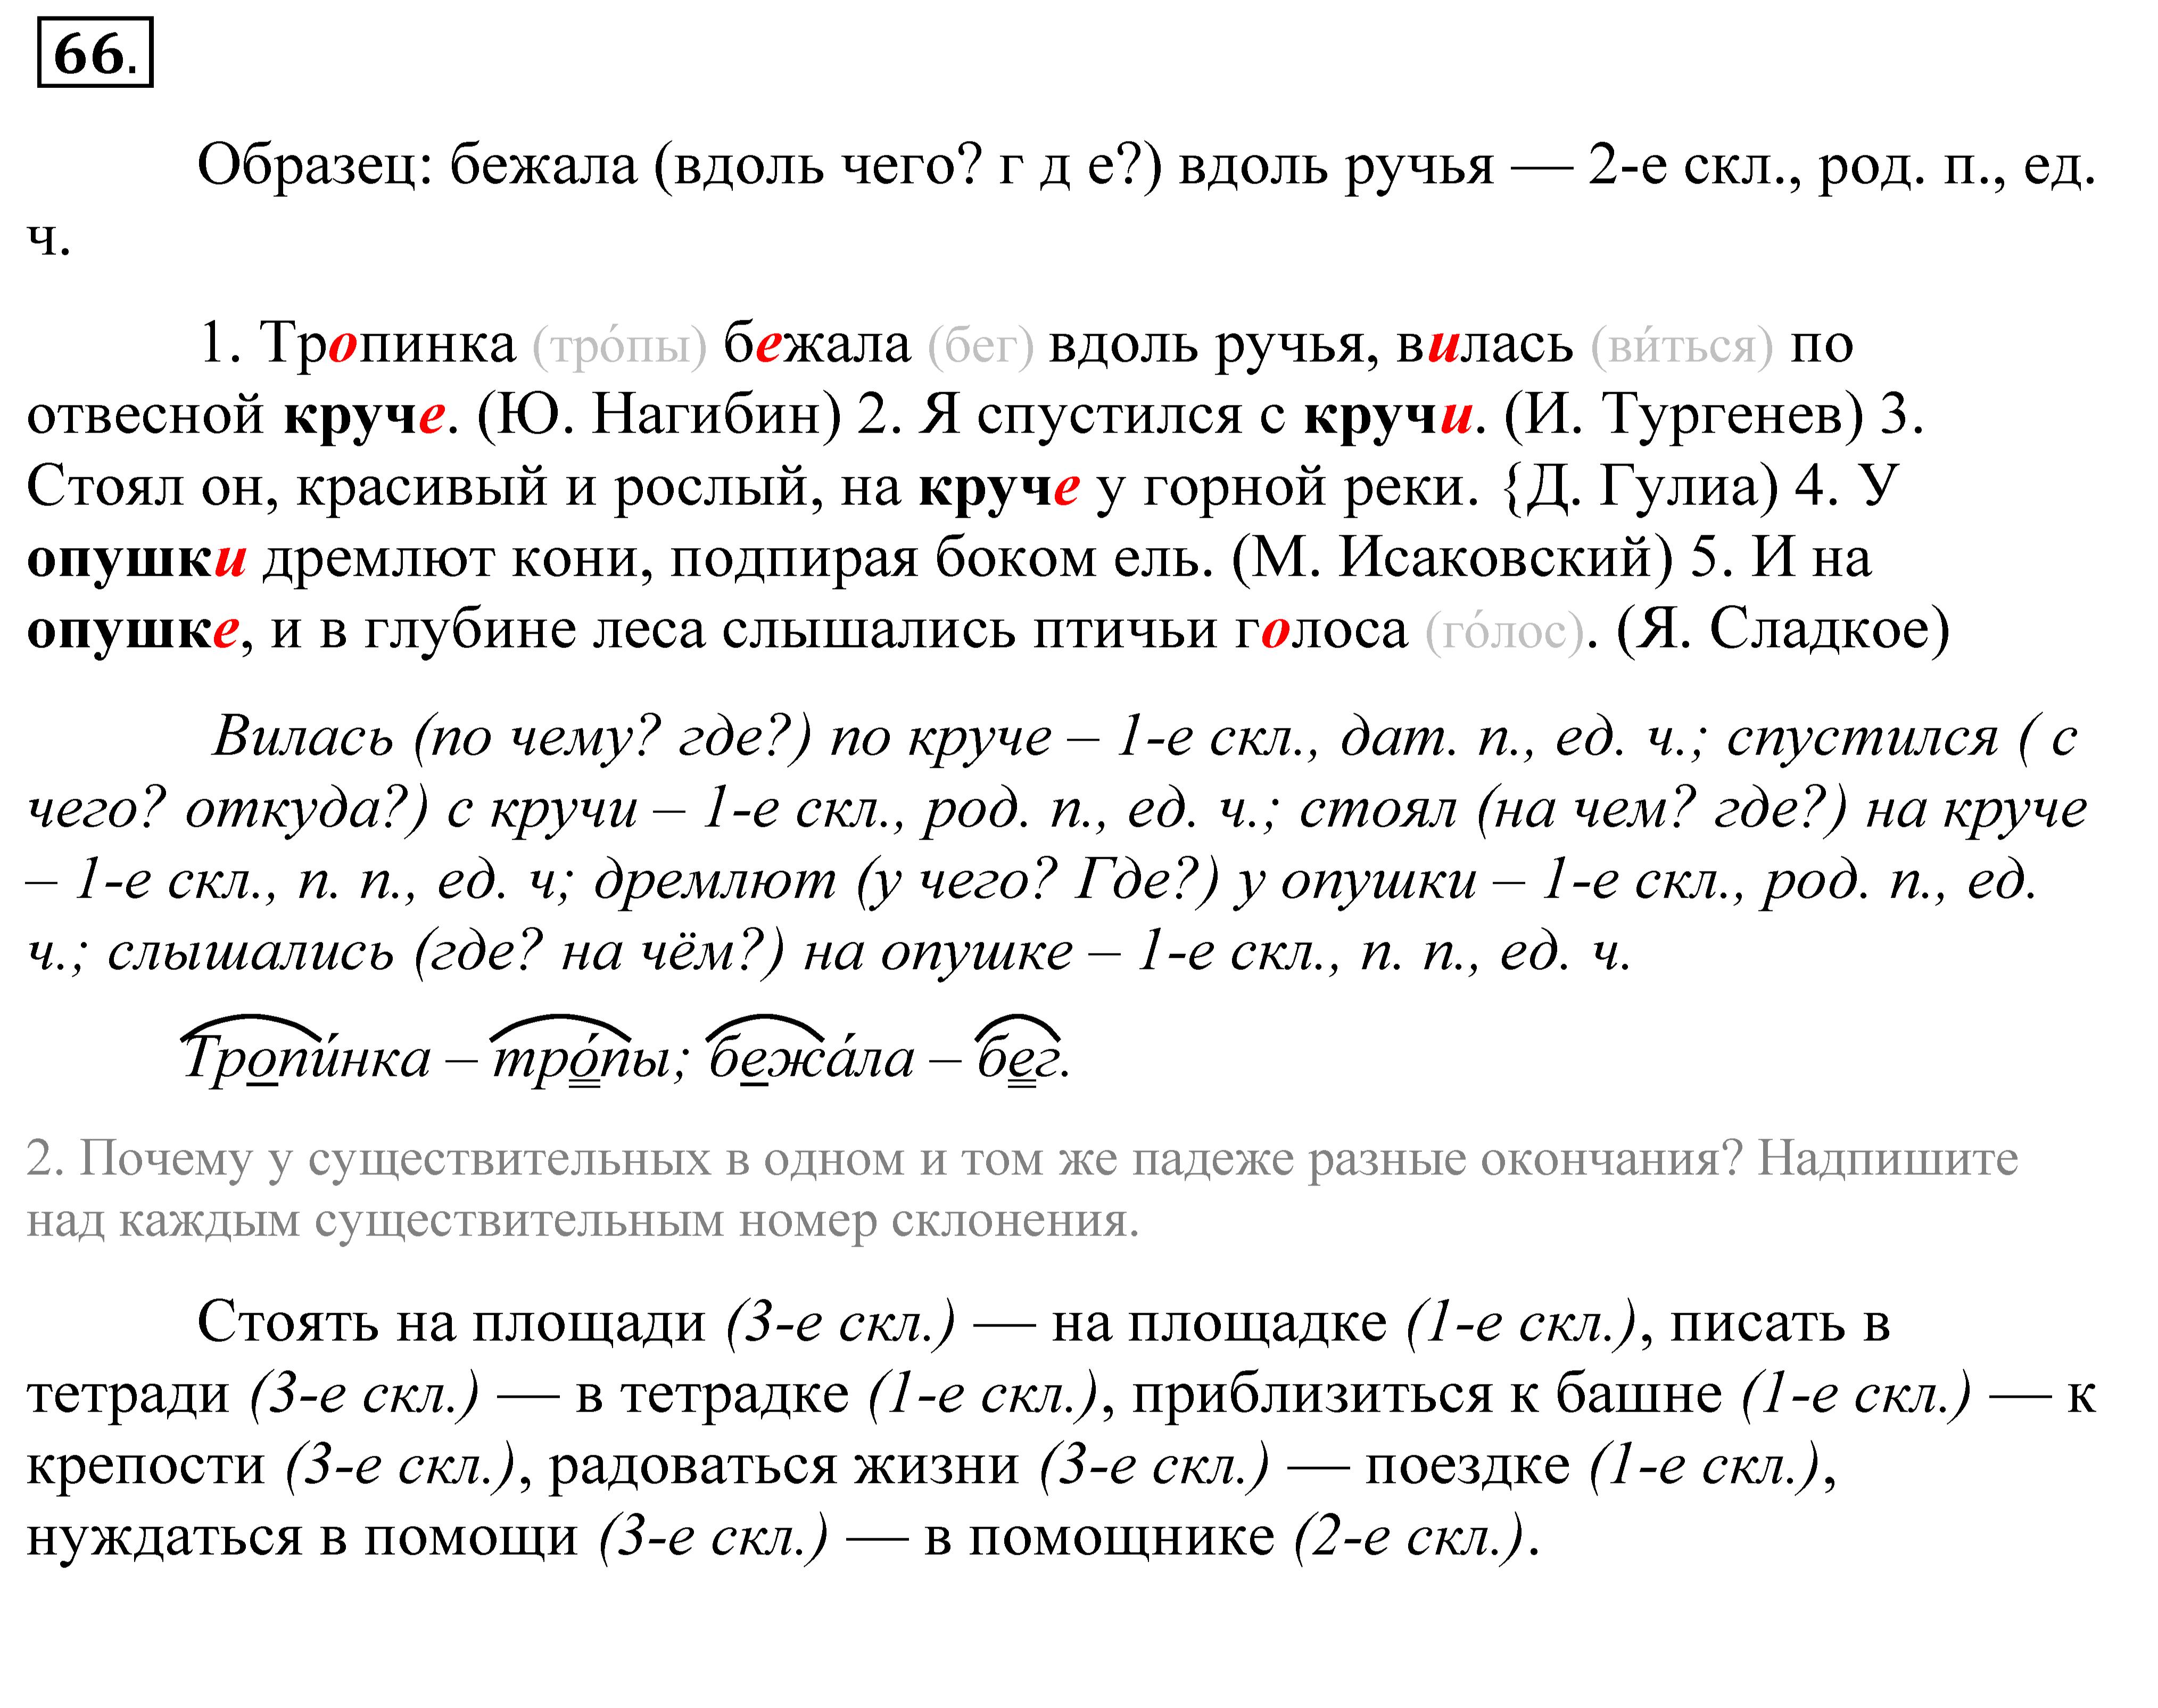 Гдз 5 класс русский язык купалова еремеева